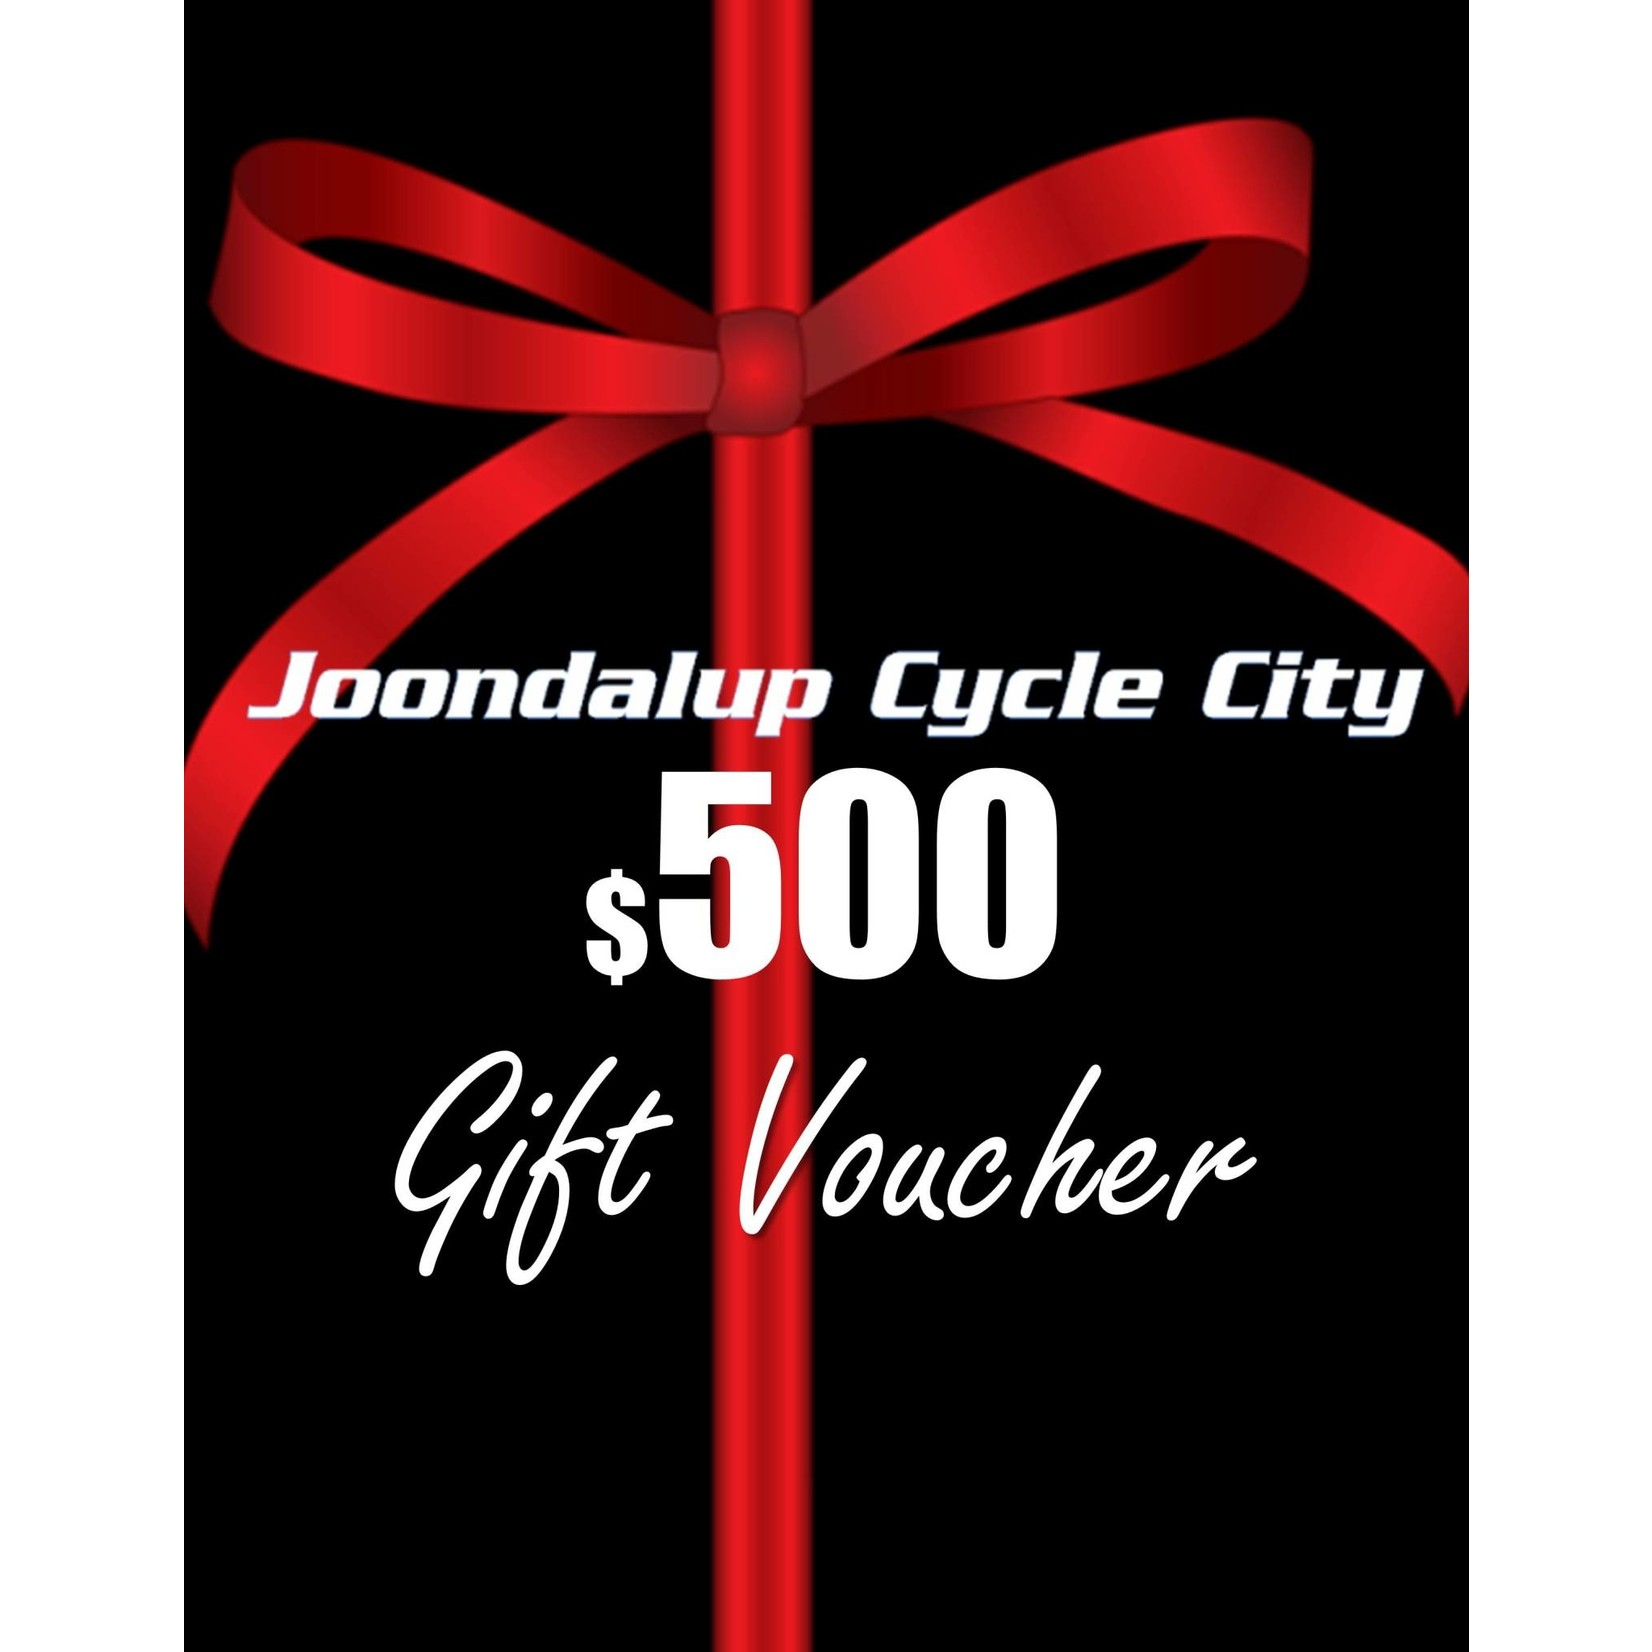 JCC $500 Gift Card